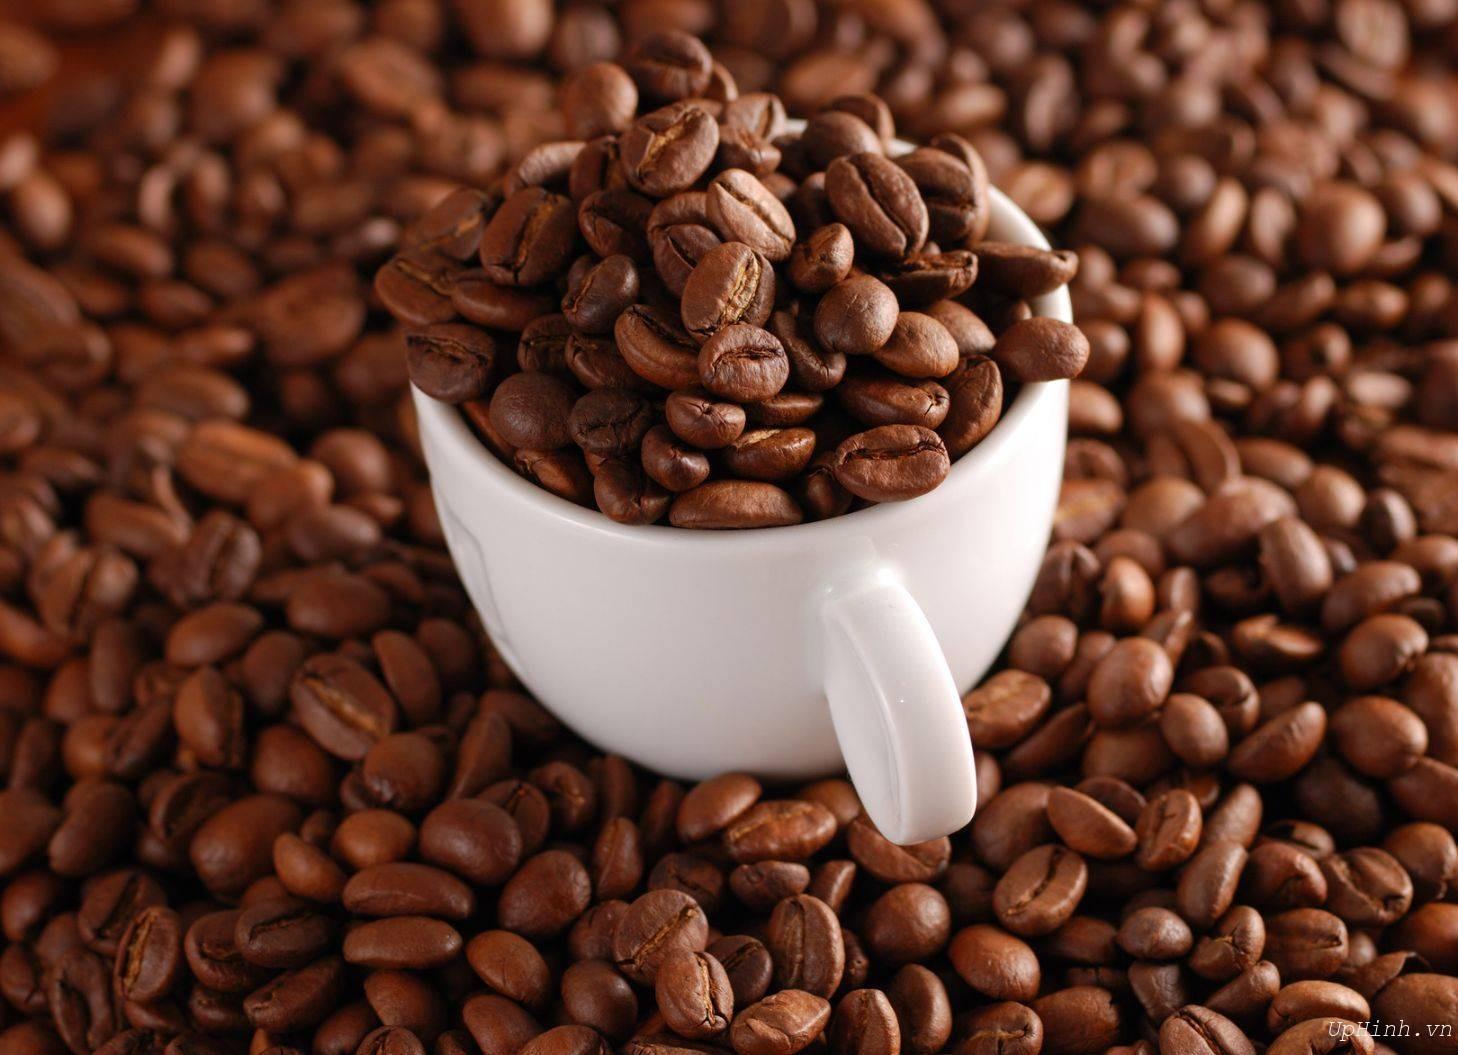 Hạt cà phê ngon và đạt chuẩn chất lượng sẽ làm nên thương hiệu uy tín cho chủ cà phê.